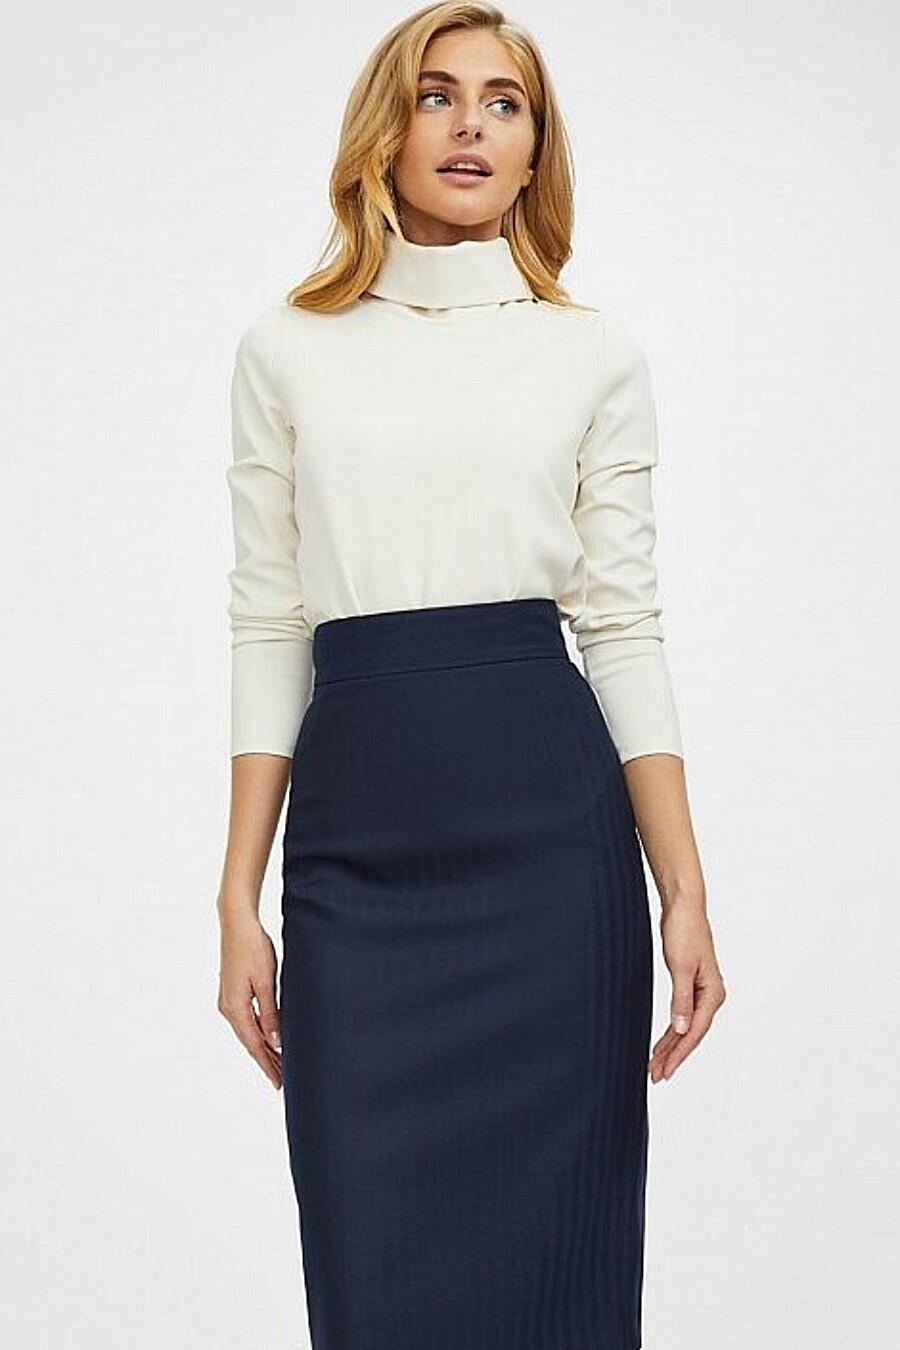 Юбка для женщин CALISTA 247086 купить оптом от производителя. Совместная покупка женской одежды в OptMoyo